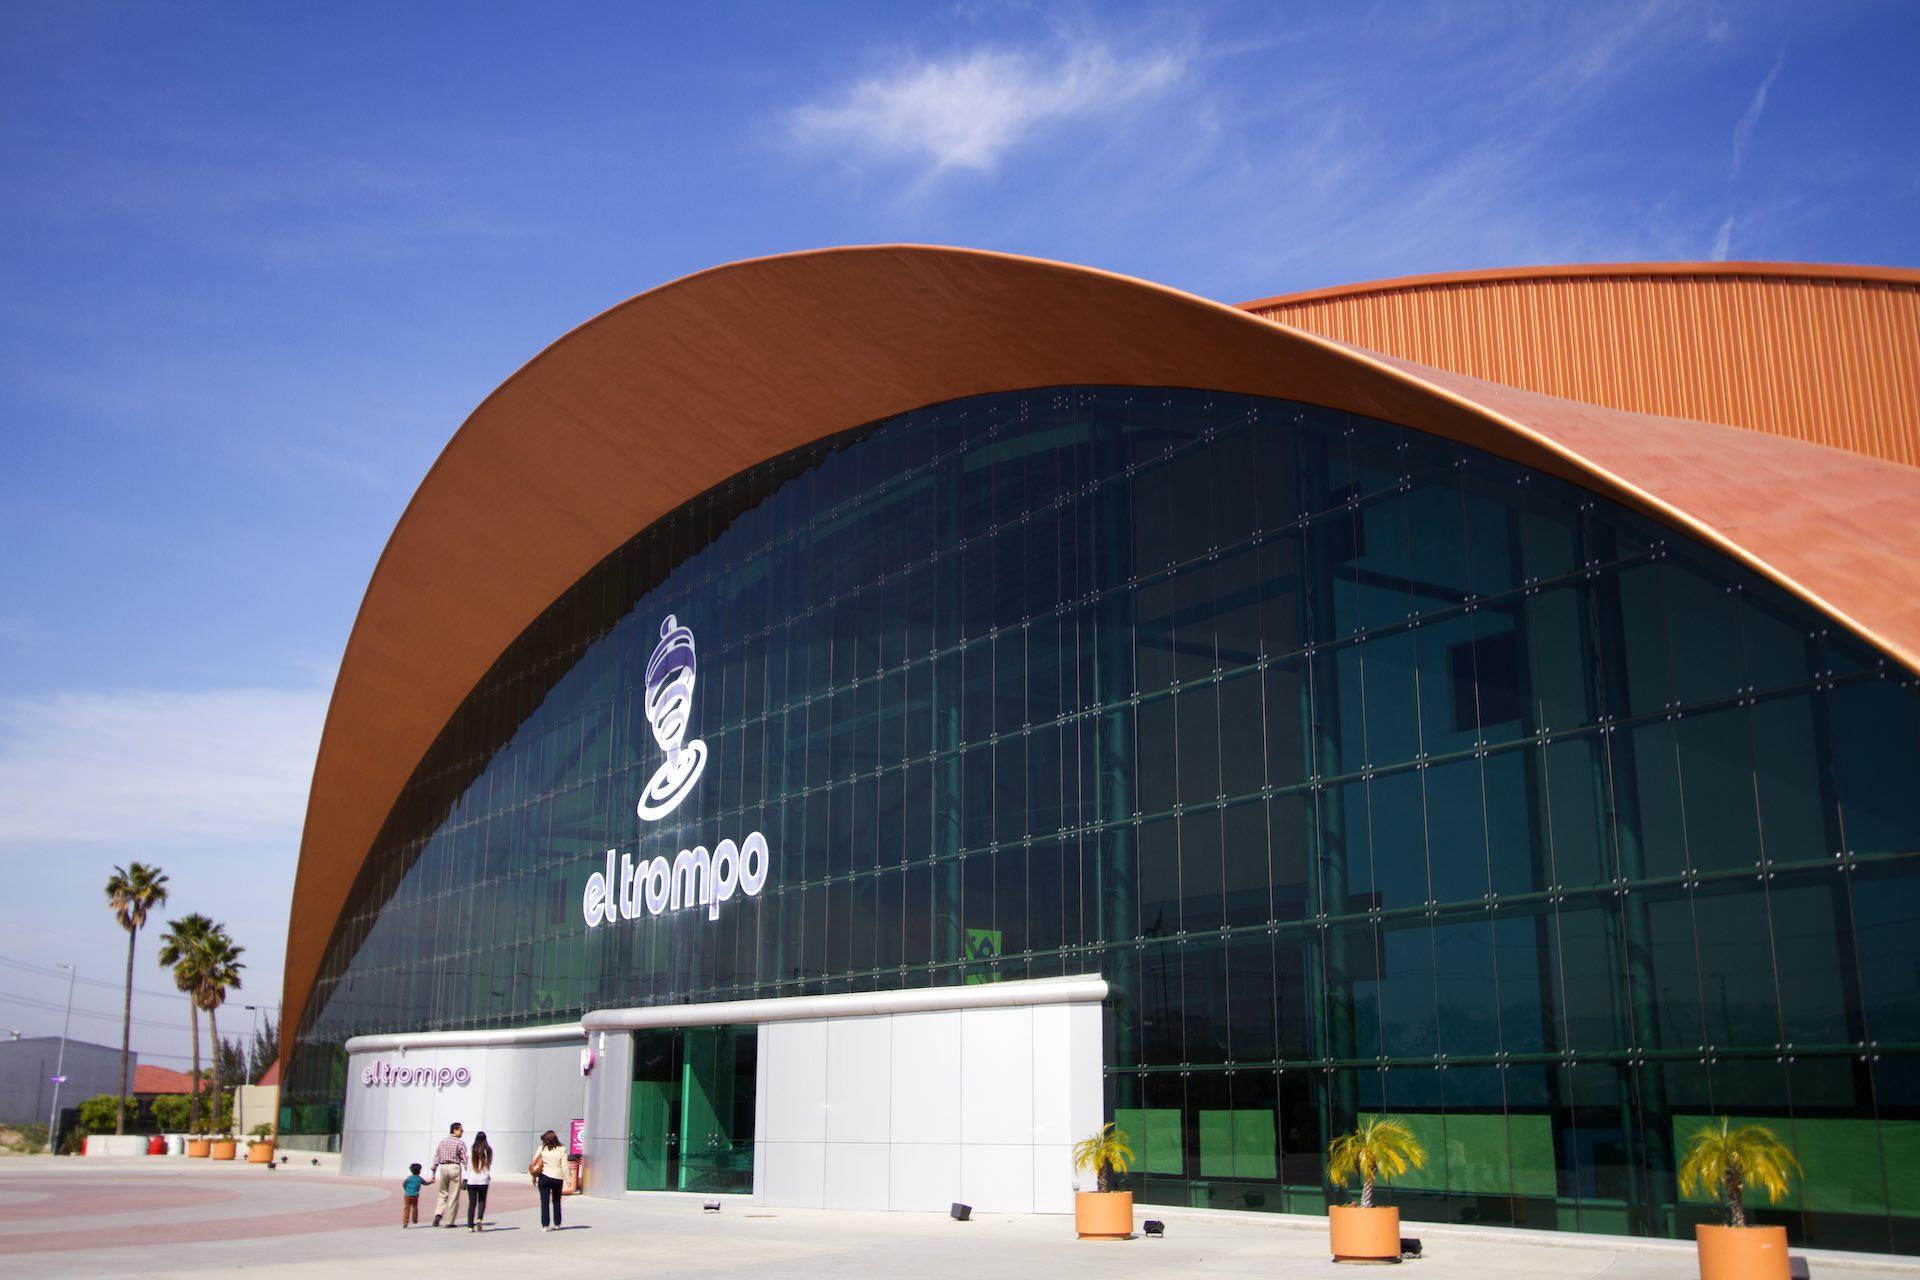 Museo Interactivo el Trompo